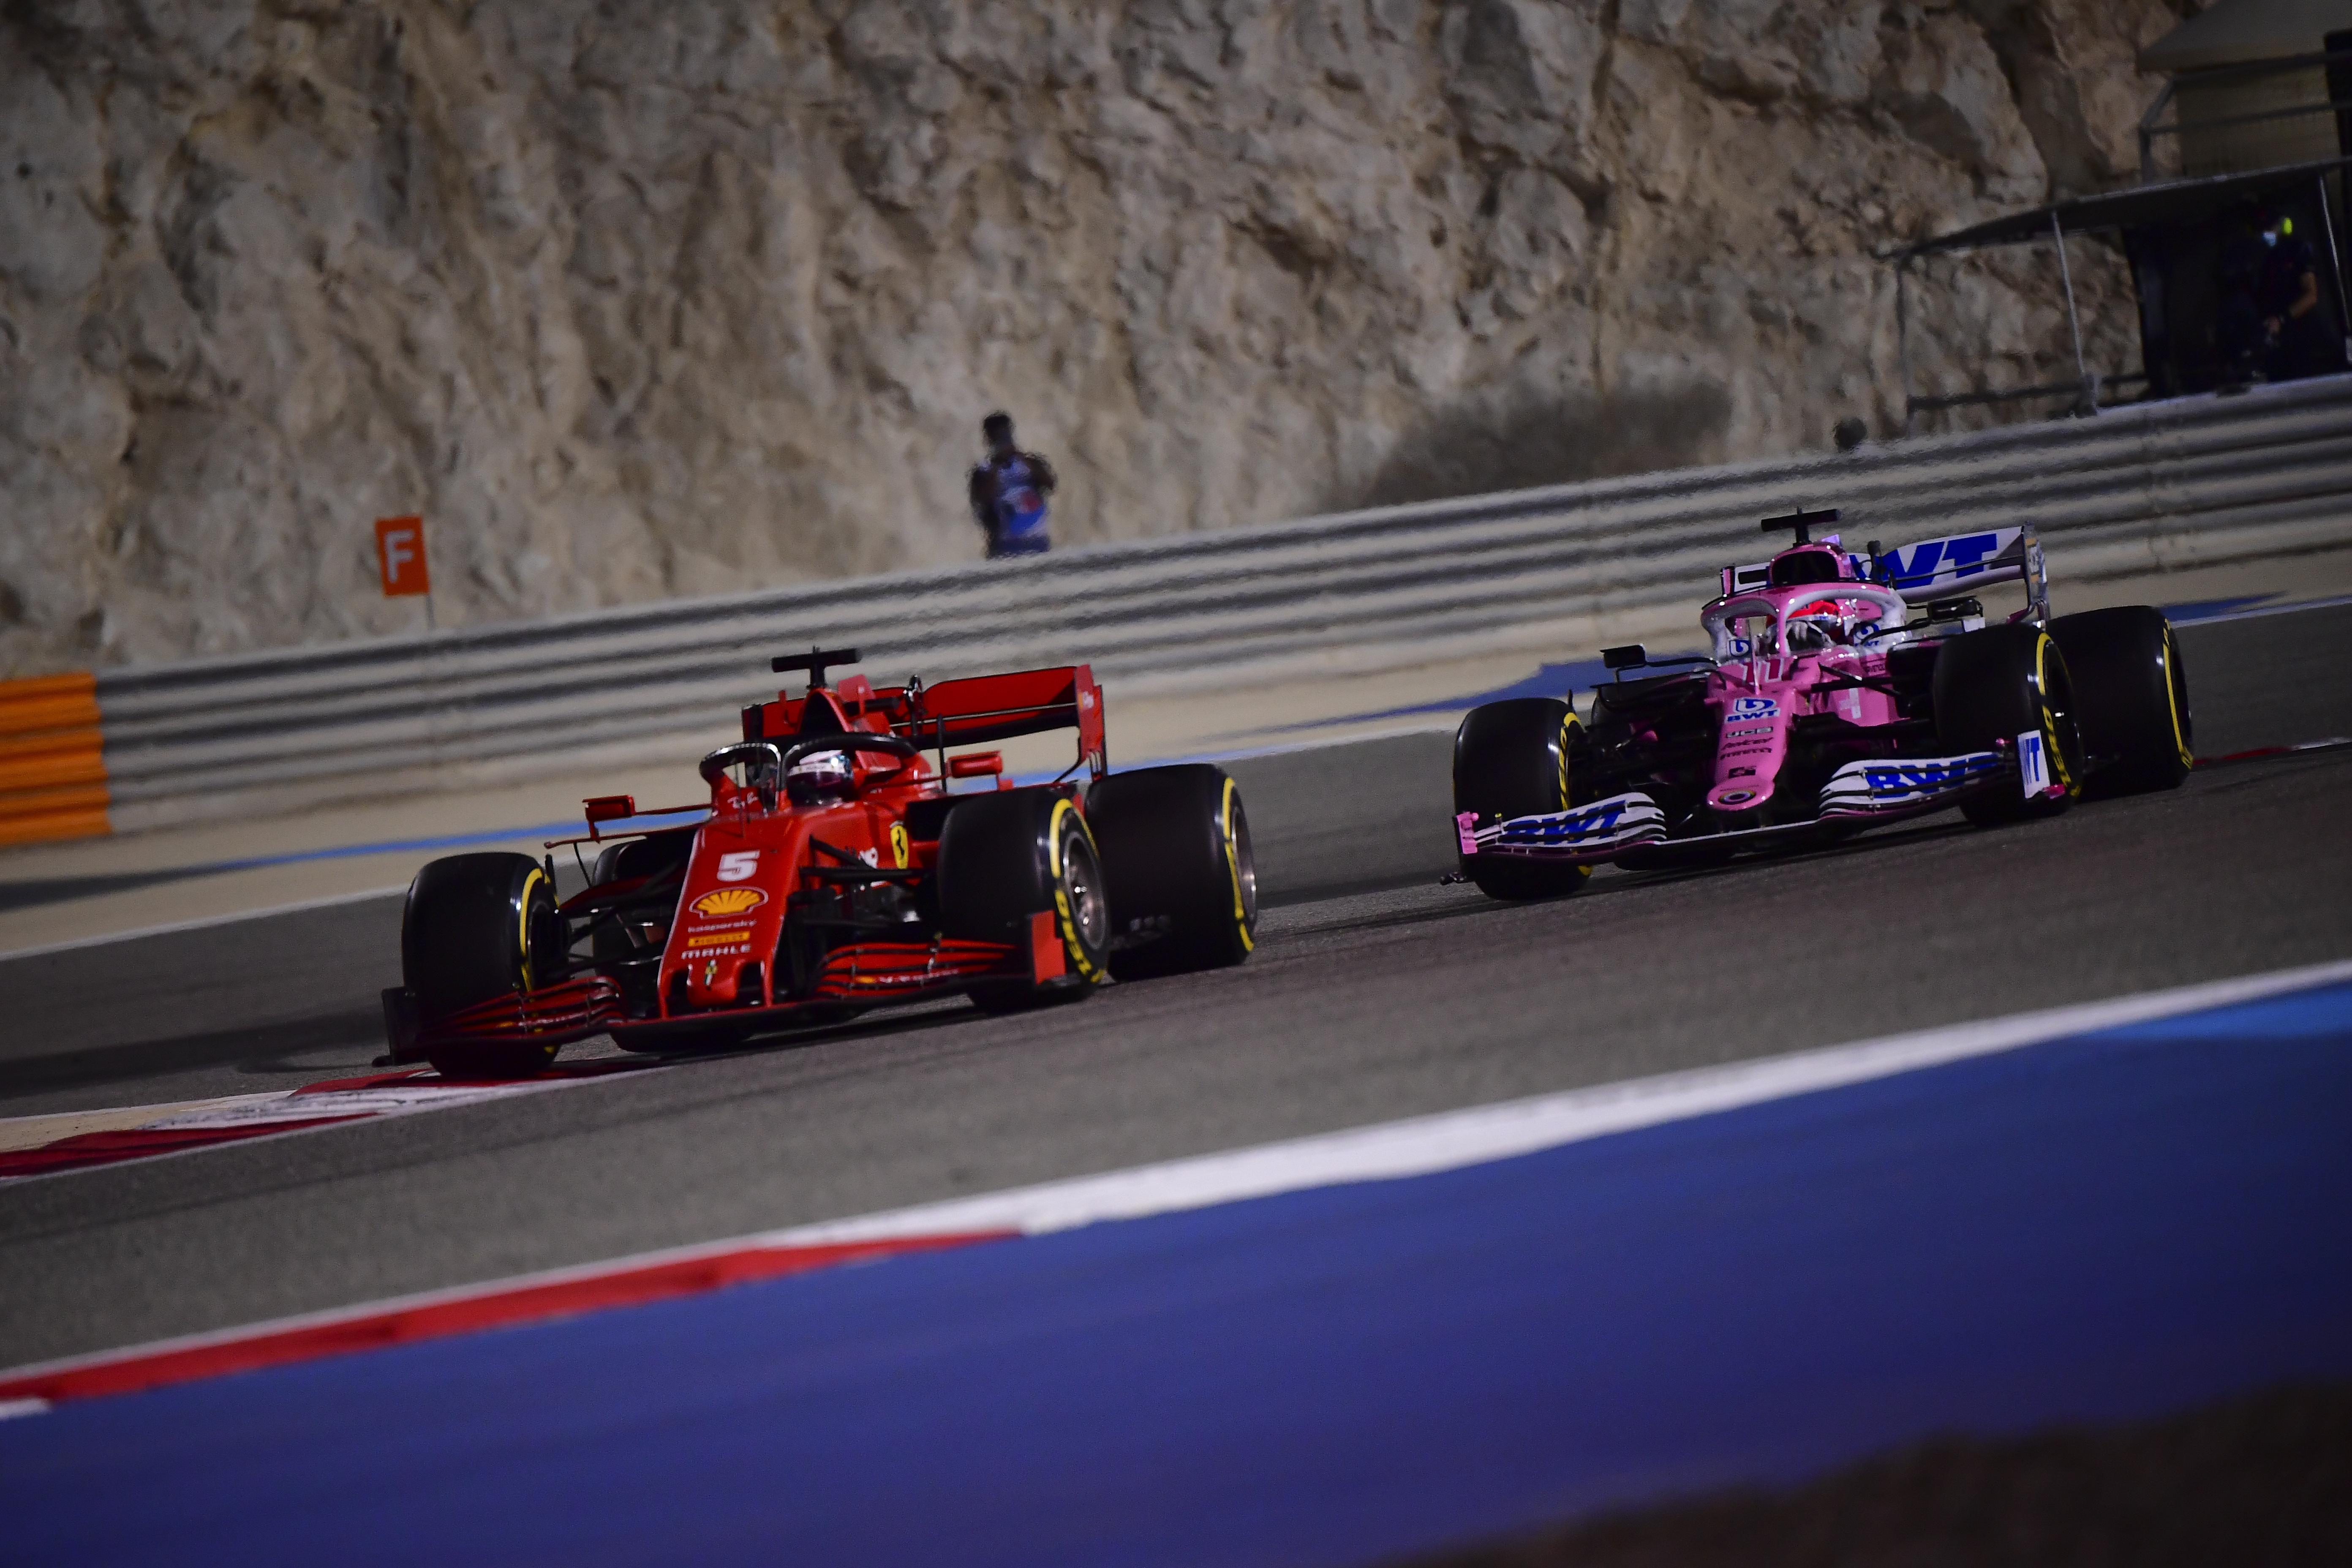 El piloto de Ferrari Sebastian Vettel de alemania, y detrás el piloto de Racing Point Sergio Pérez de México durante el Gran Premio de Fórmula 1 de Sakhir, Baréin el domingo 6 de diciembre de 2020.